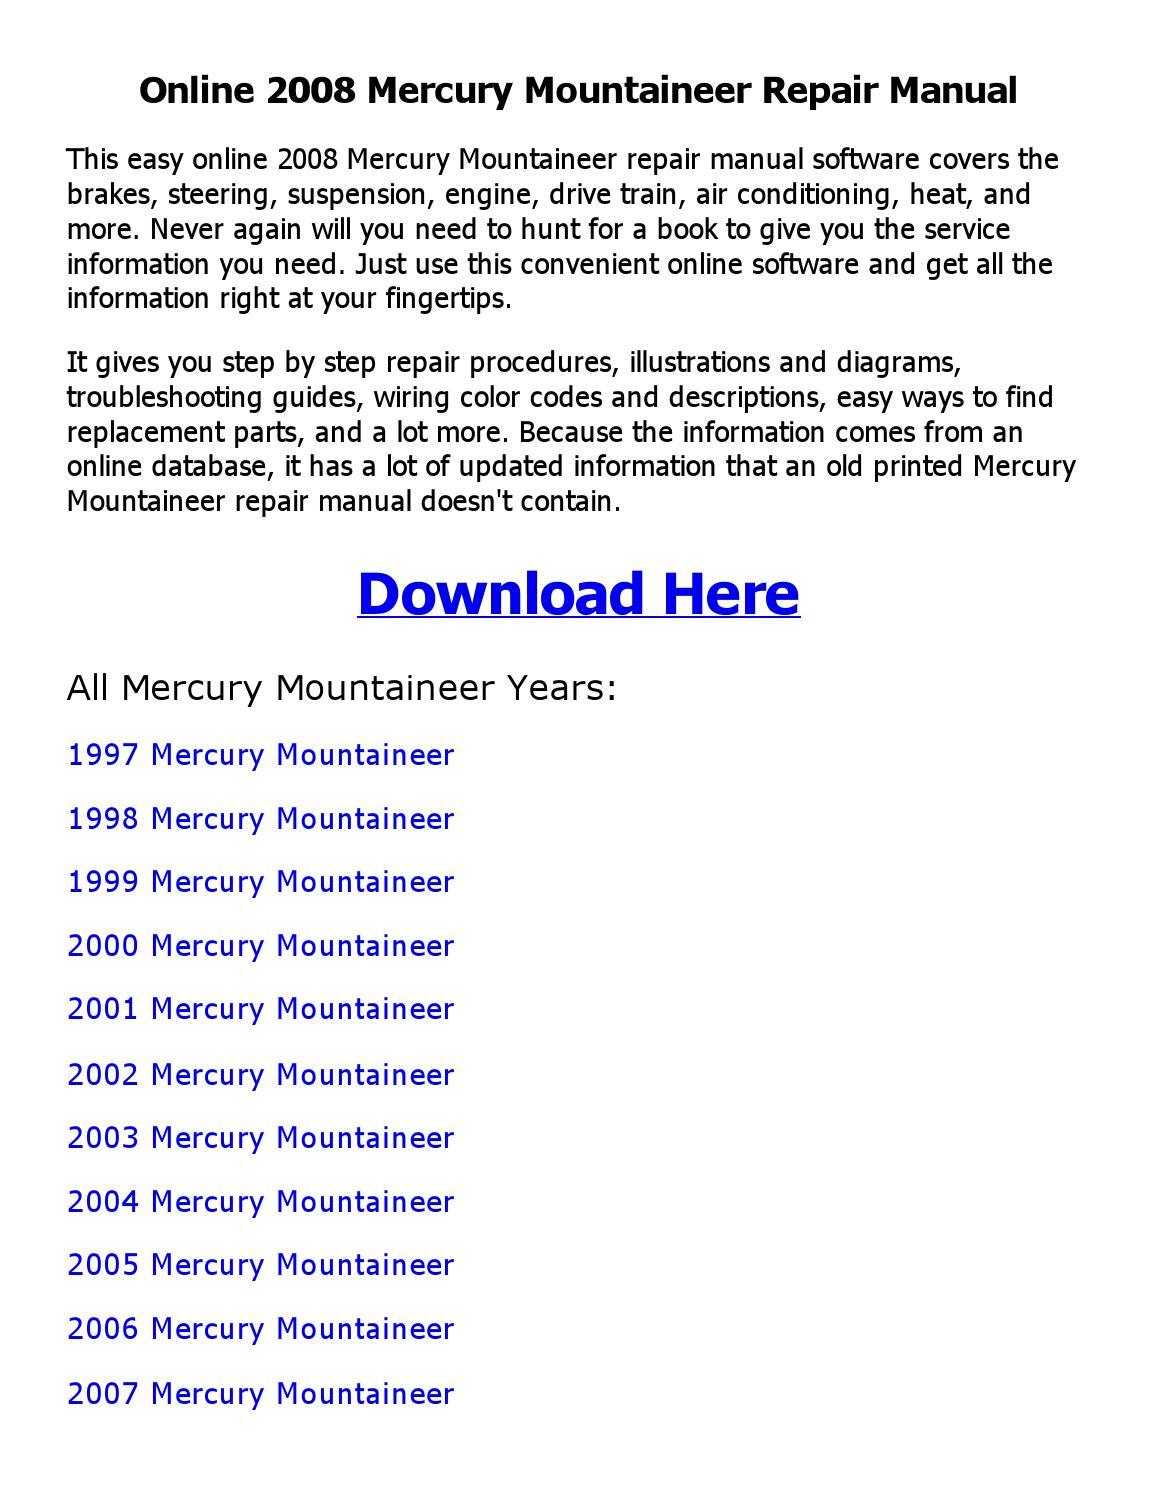 2008 Mercury Mountaineer Repair Manual Online By Imran Ali Issuu 2002 Wiring Diagram